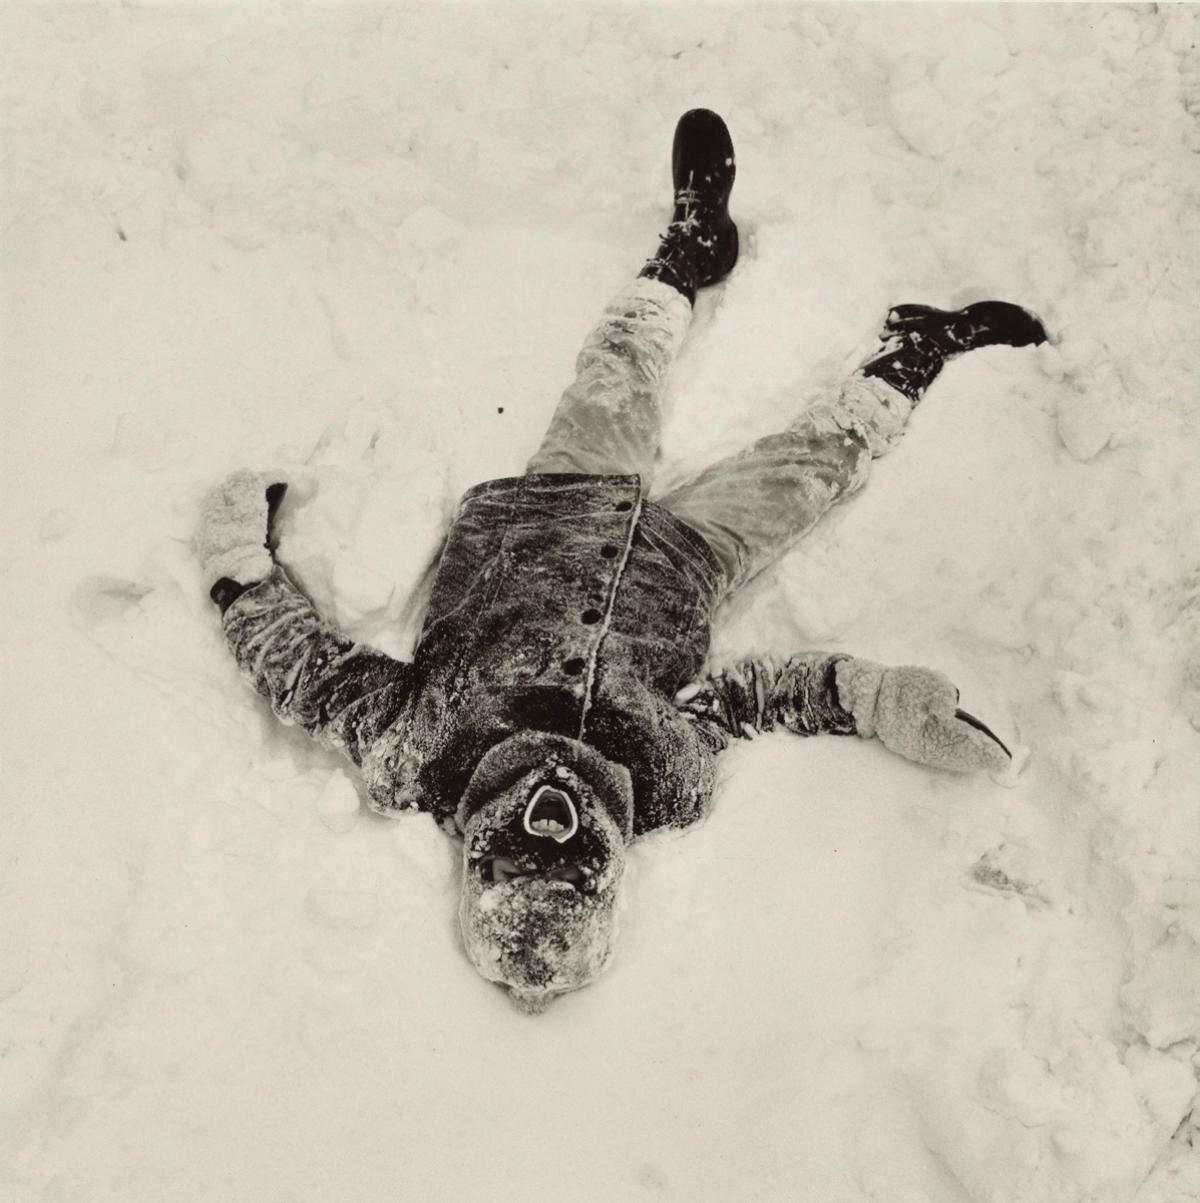 1970. Мальчик в снегу.  Нью-Йорк.